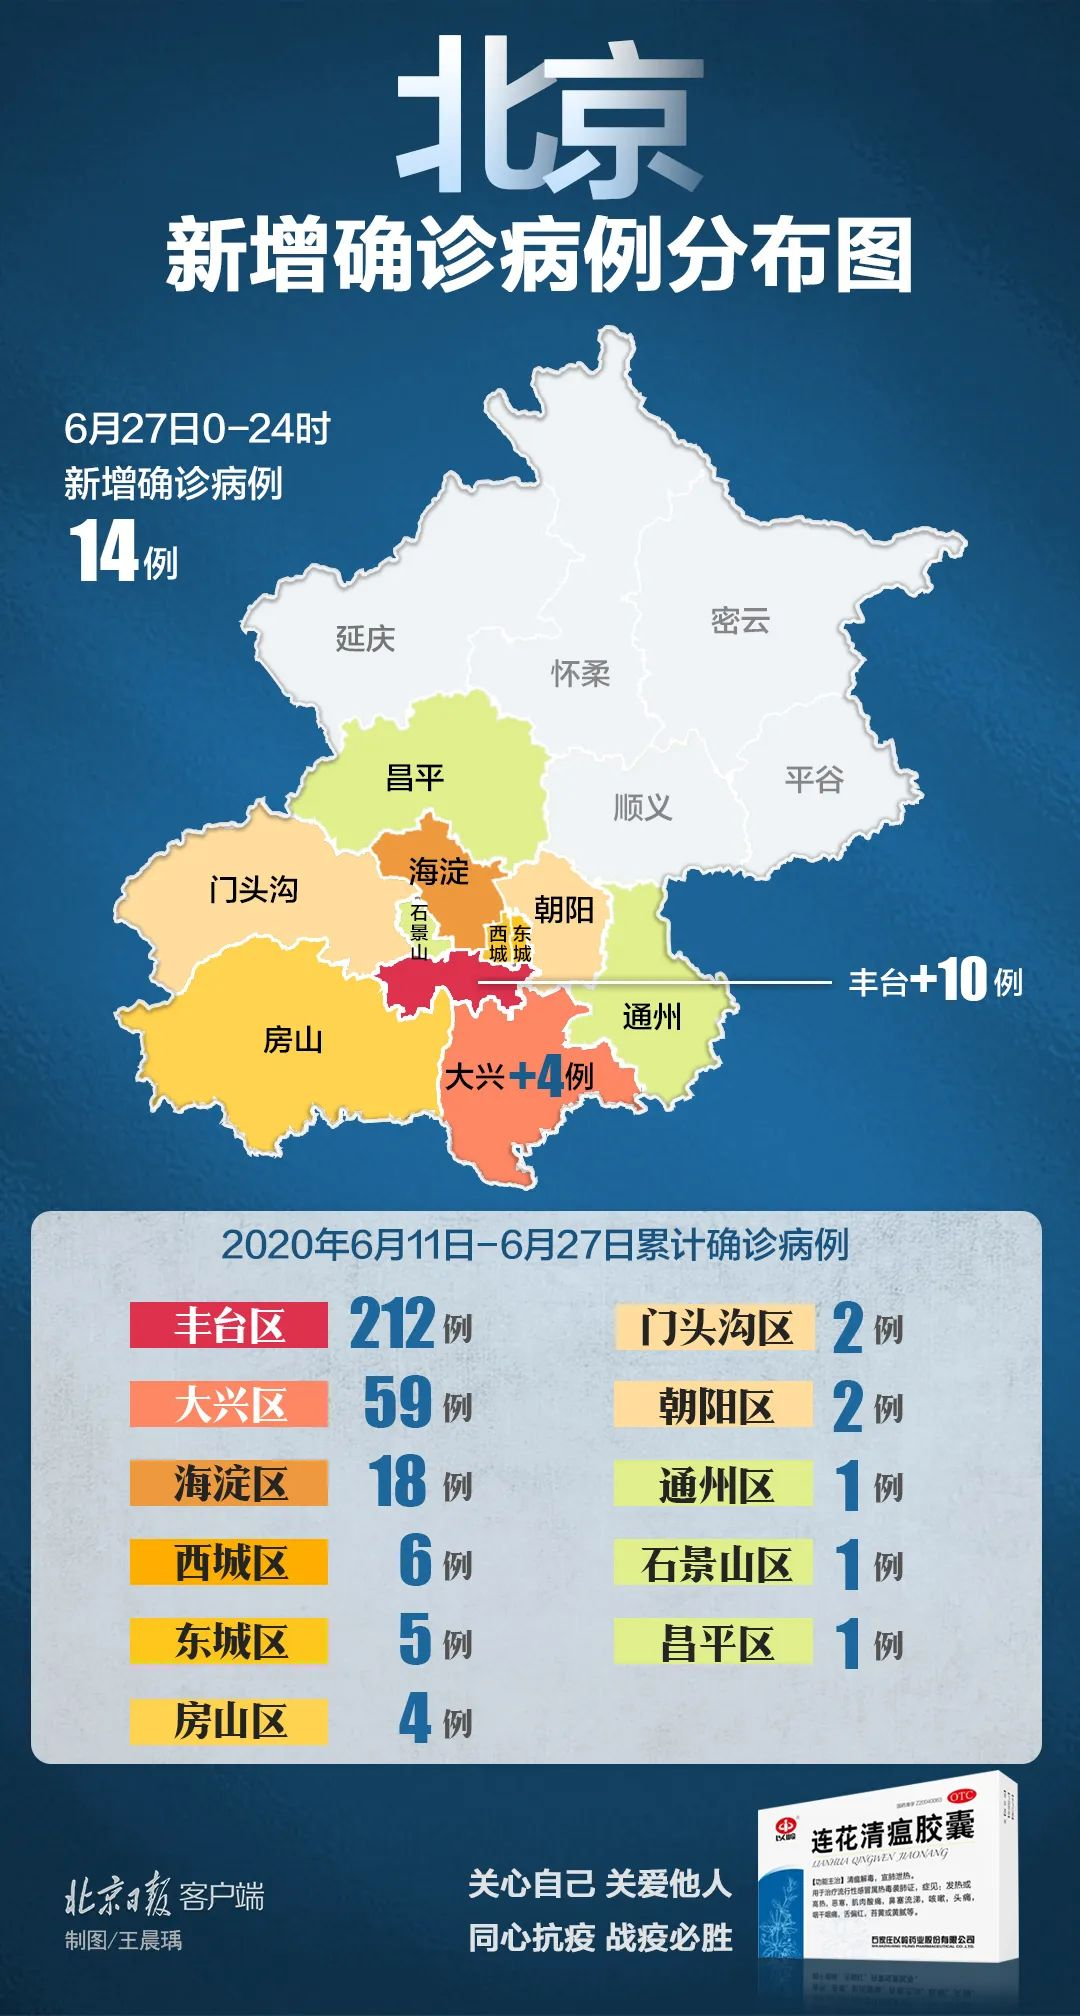 摩天测速新增14例确诊北京现有病摩天测速图片